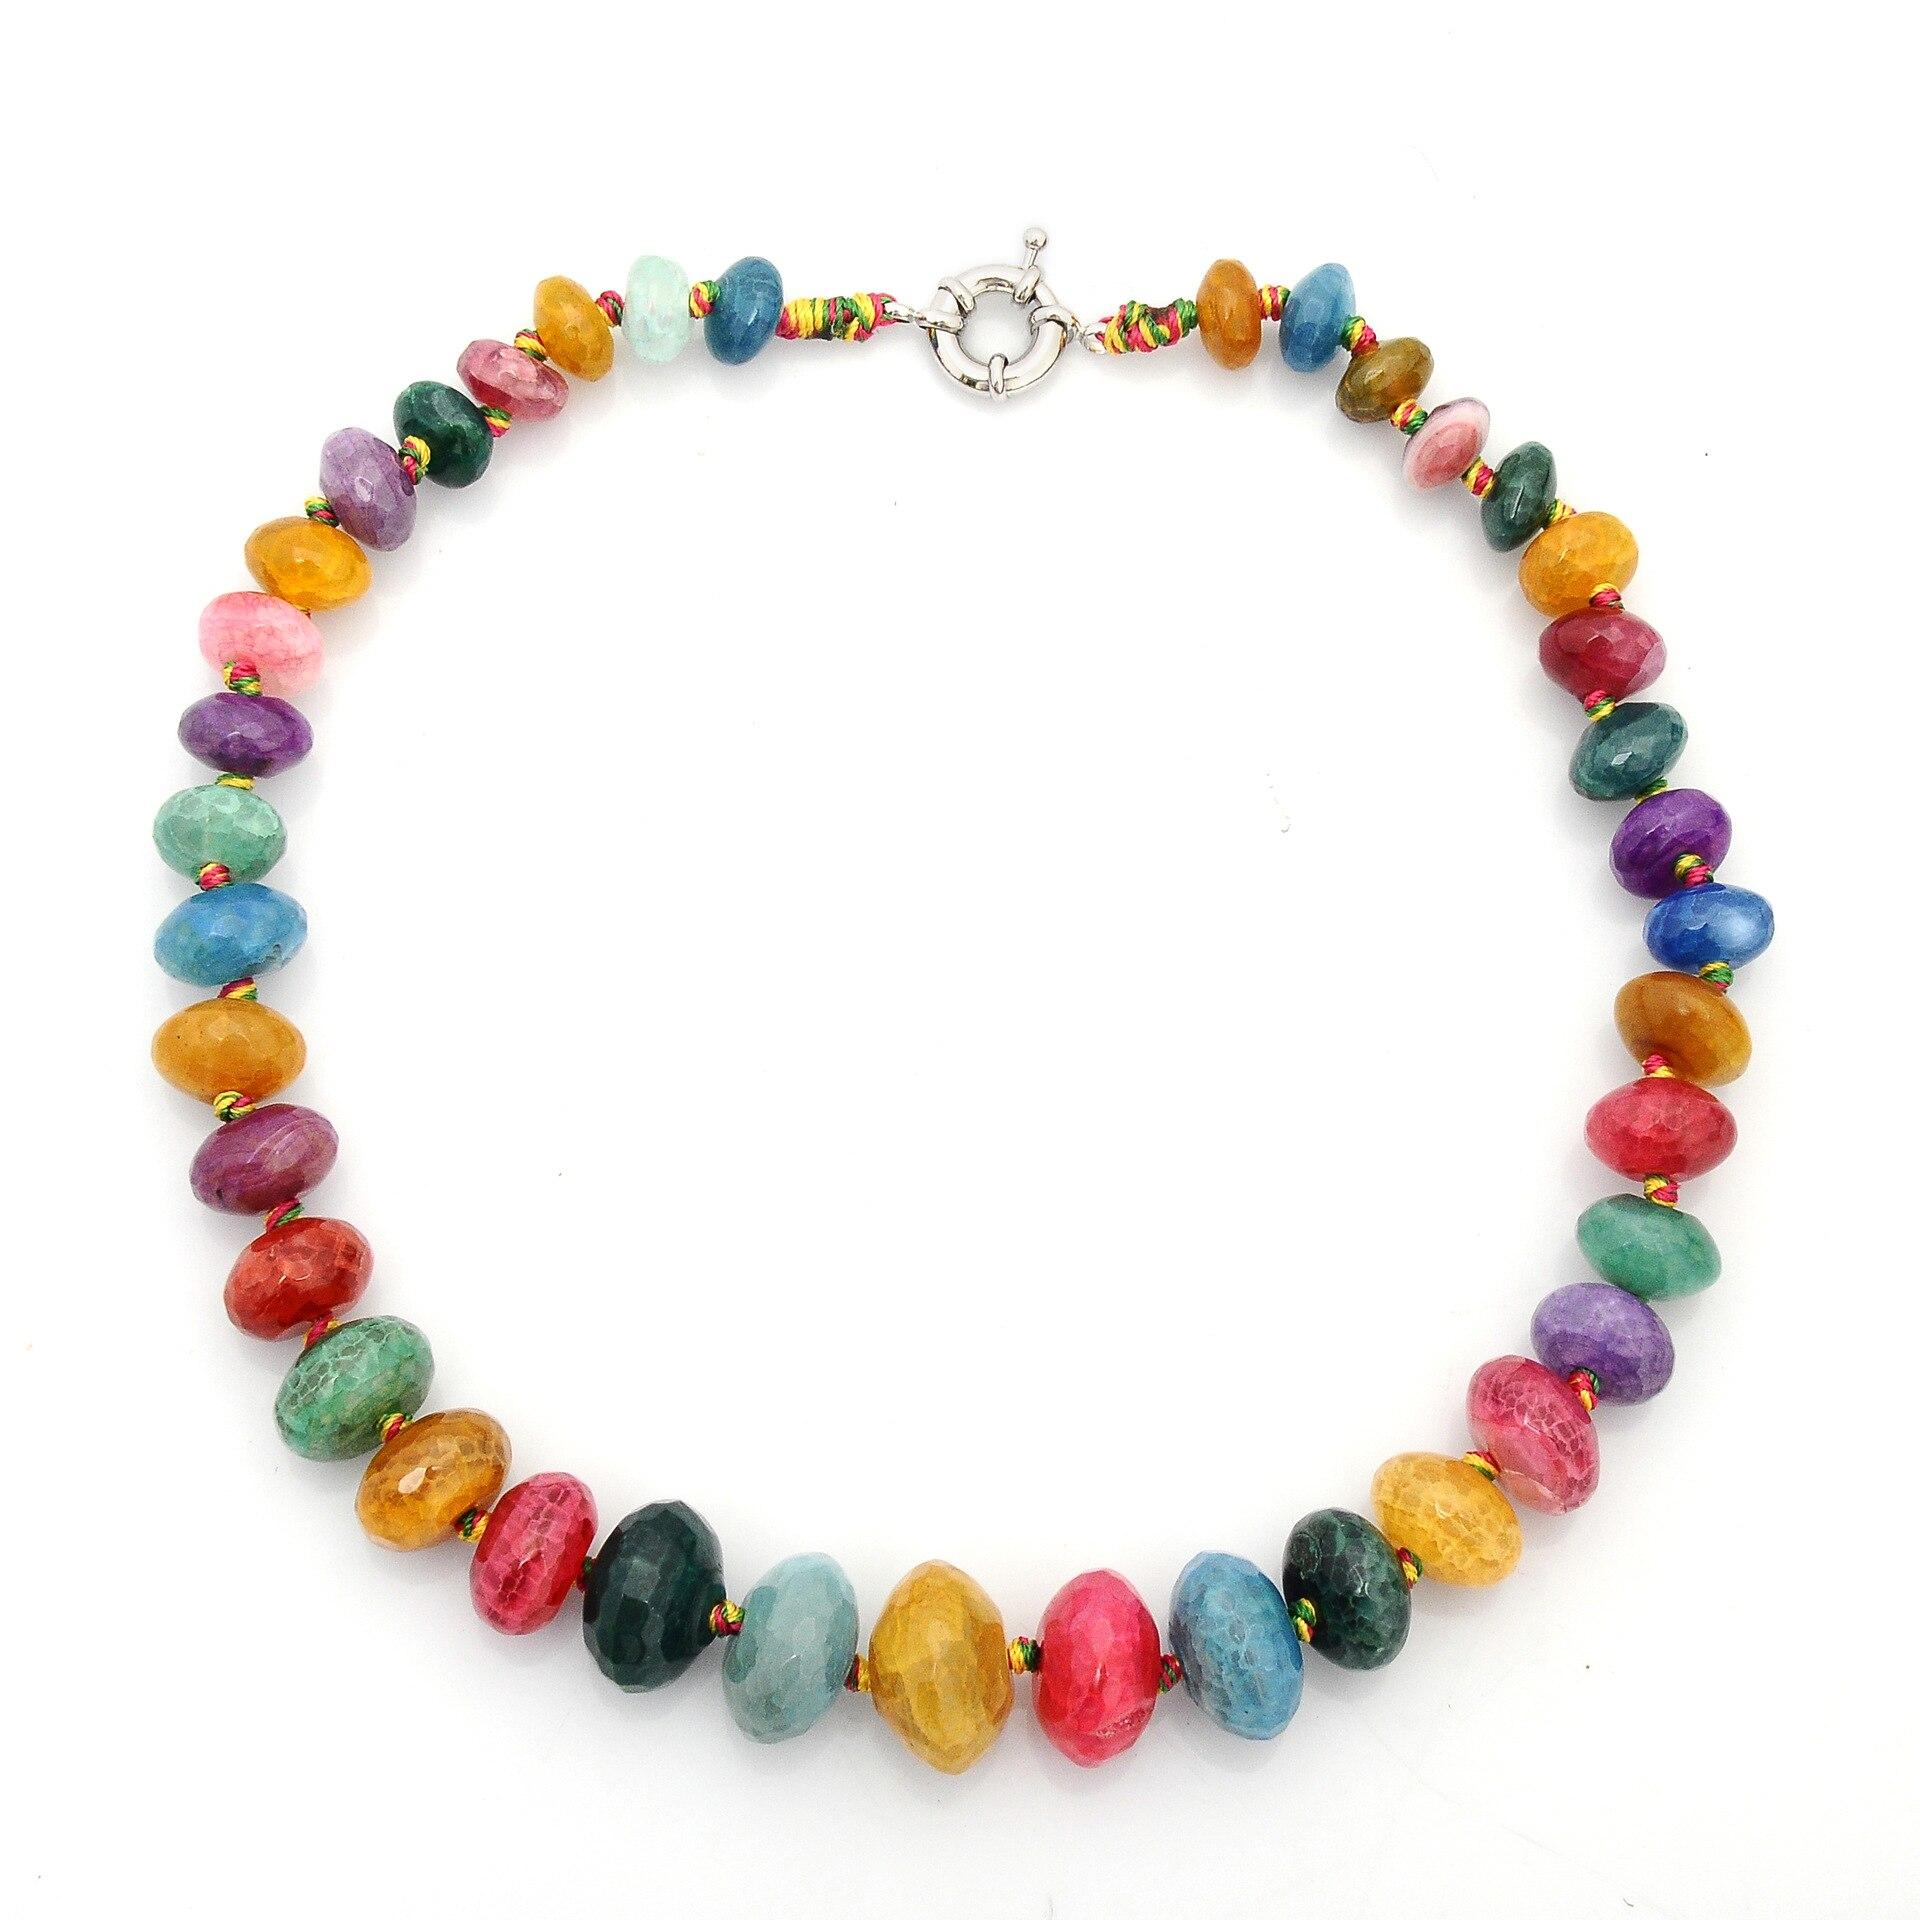 [해외]Natural Stone Beads Necklace Crystal Agate Beads Choker Candy Necklace Women Jewelry for Mother`s Day Gift Birthday Party Gift/Natural Stone Beads